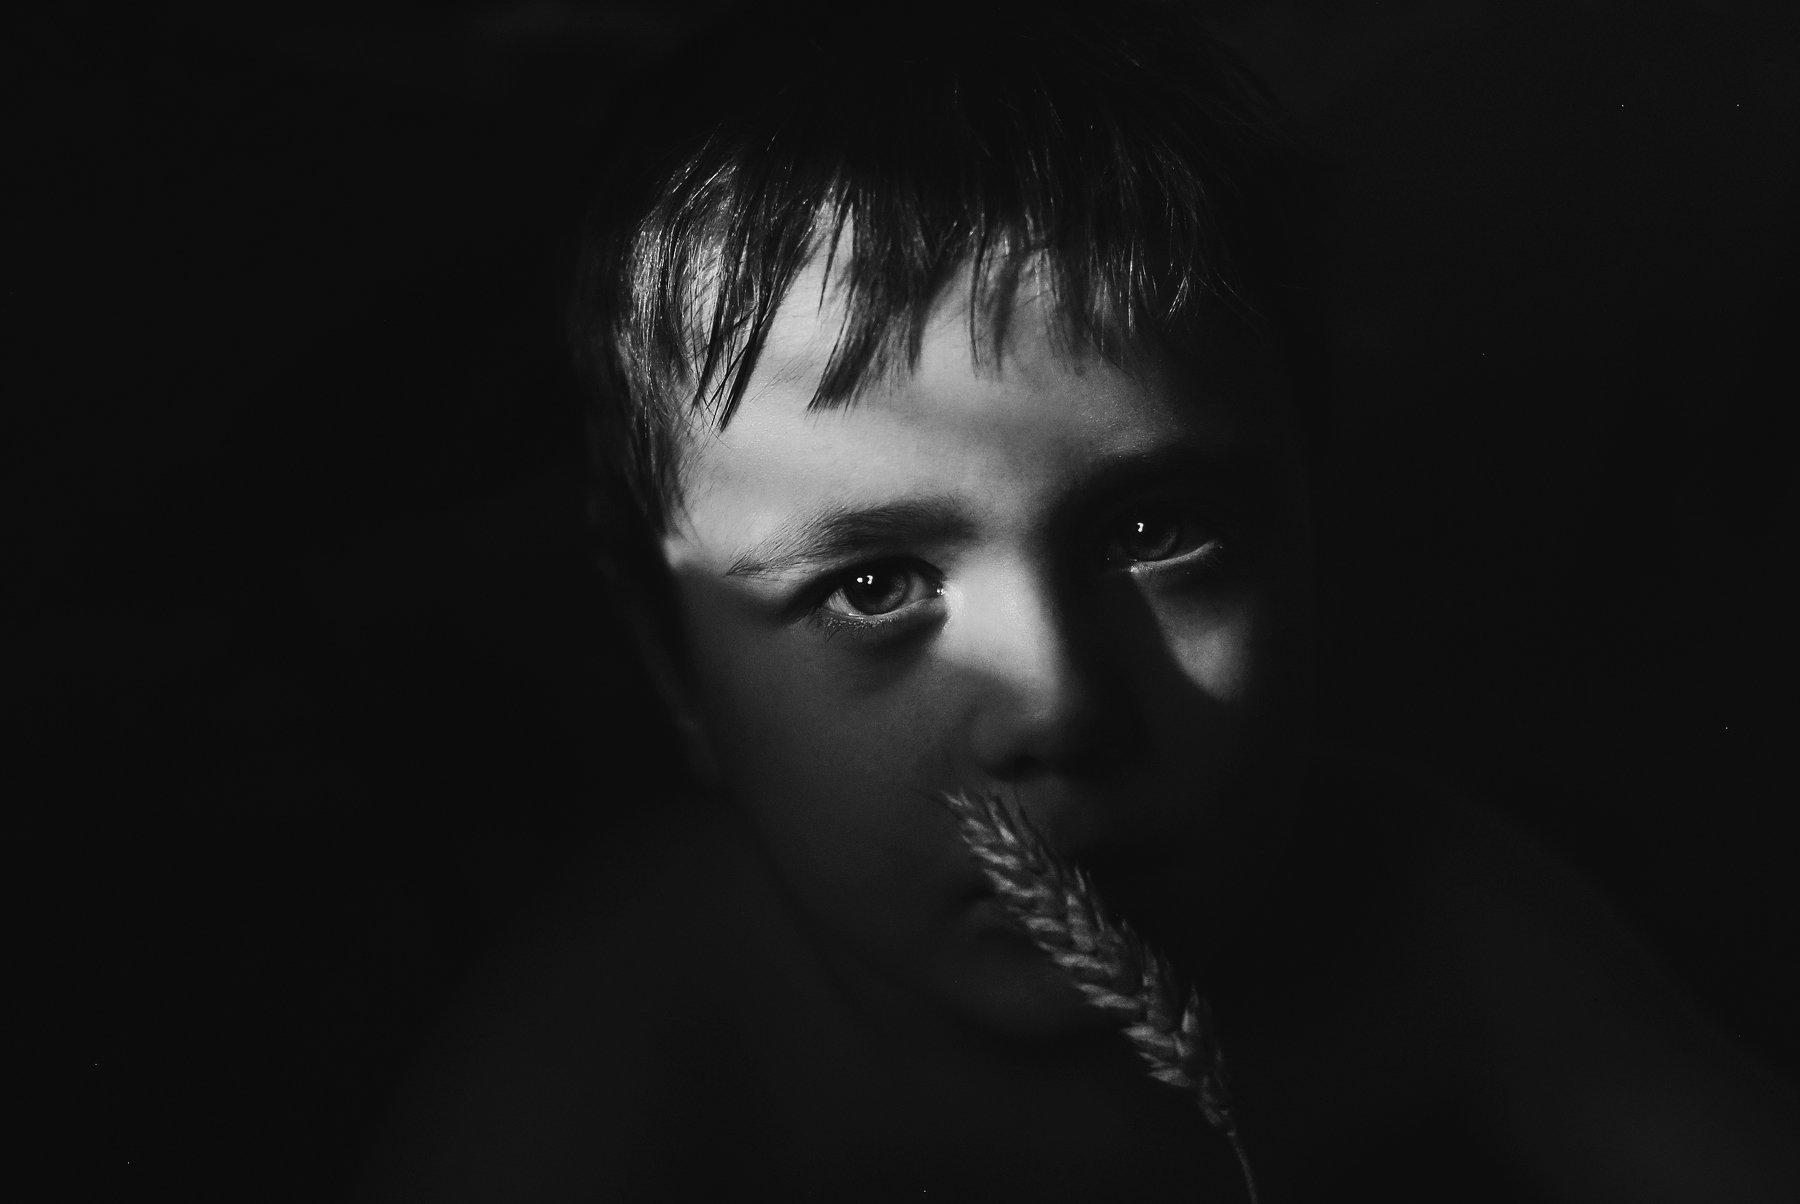 чёрно-белый,психология,слезы,обида,ребёнок, Володин Владимир